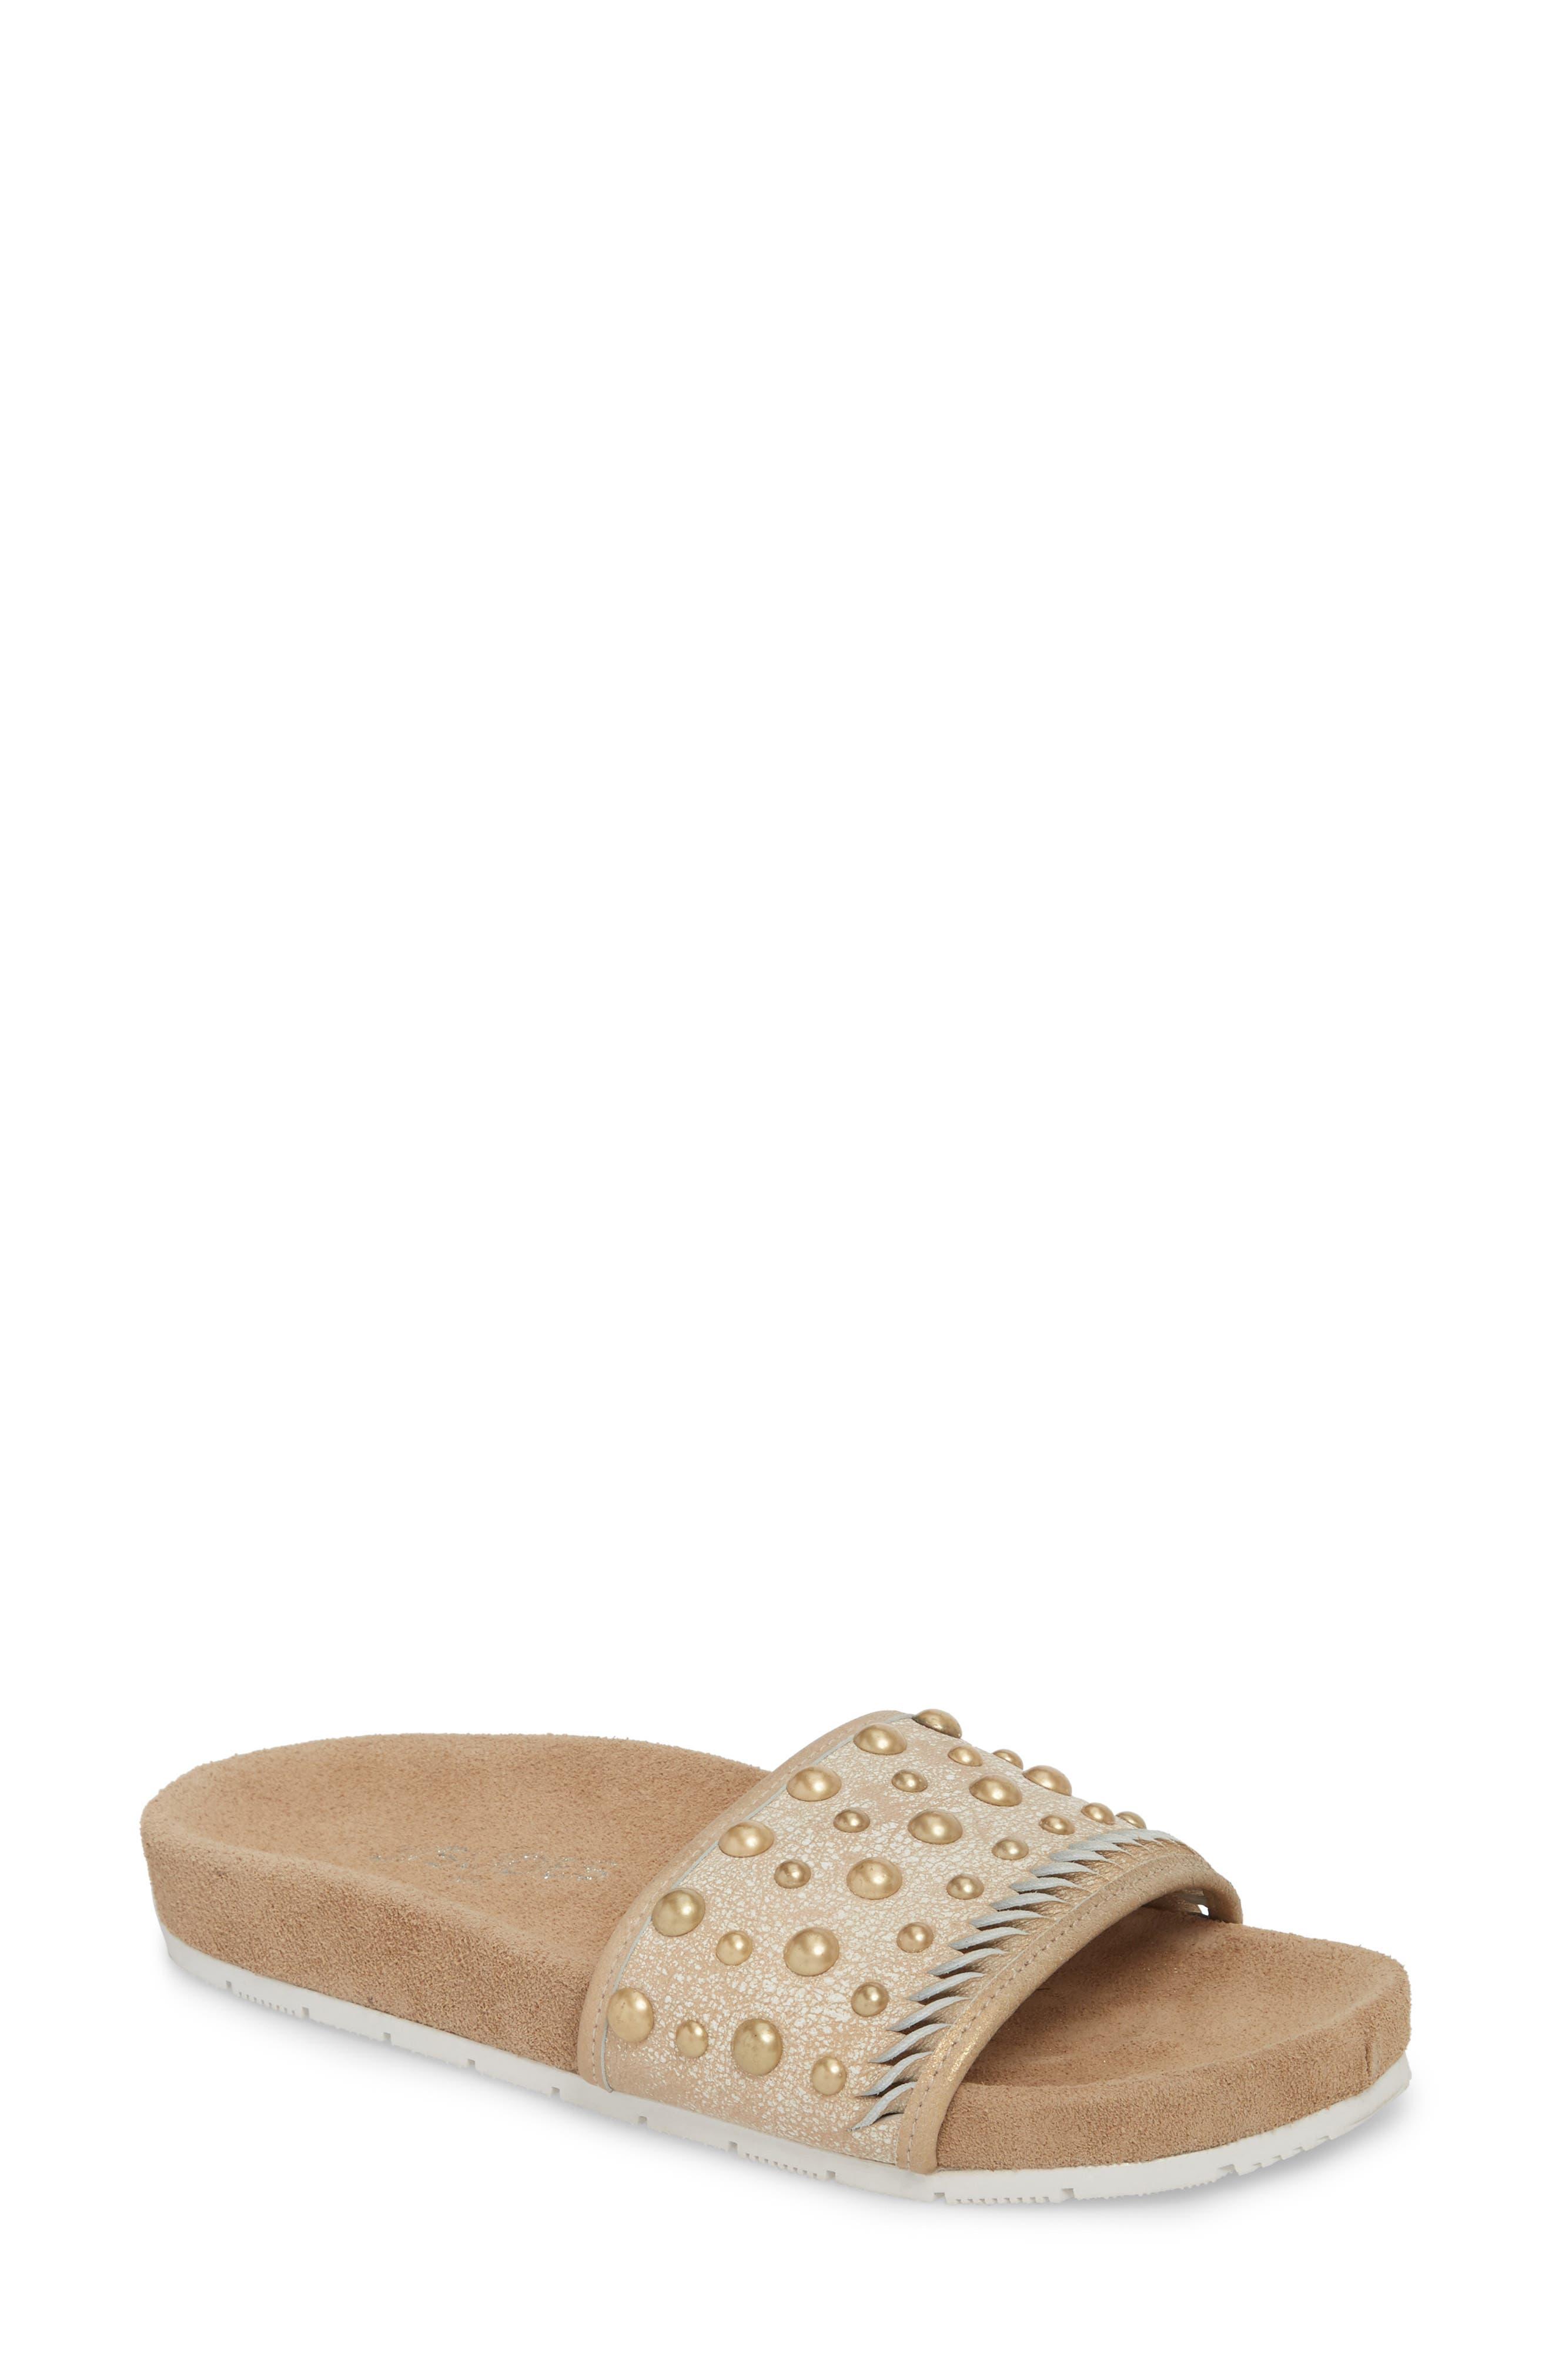 Nora Studded Slide Sandal,                         Main,                         color, Bronze Suede